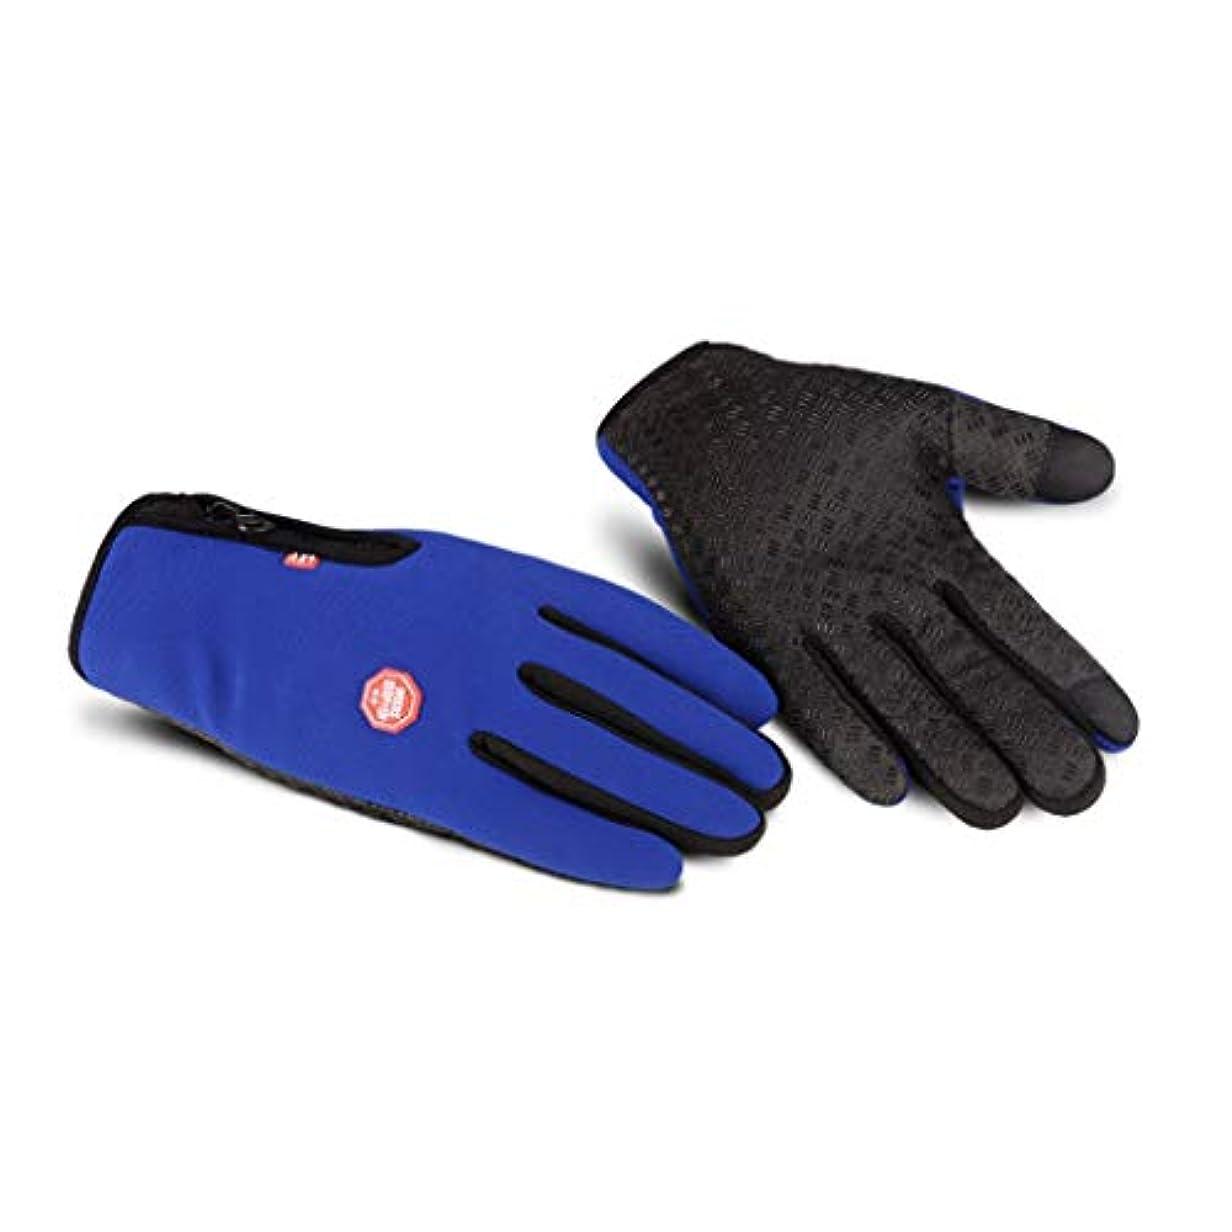 ケント記念品オンス手袋の男性の秋と冬の自転車電動バイクの女性のタッチスクリーンはすべて防風ノンスリップ暖かいコールドプラスベルベット弾性手袋ワンサイズ青